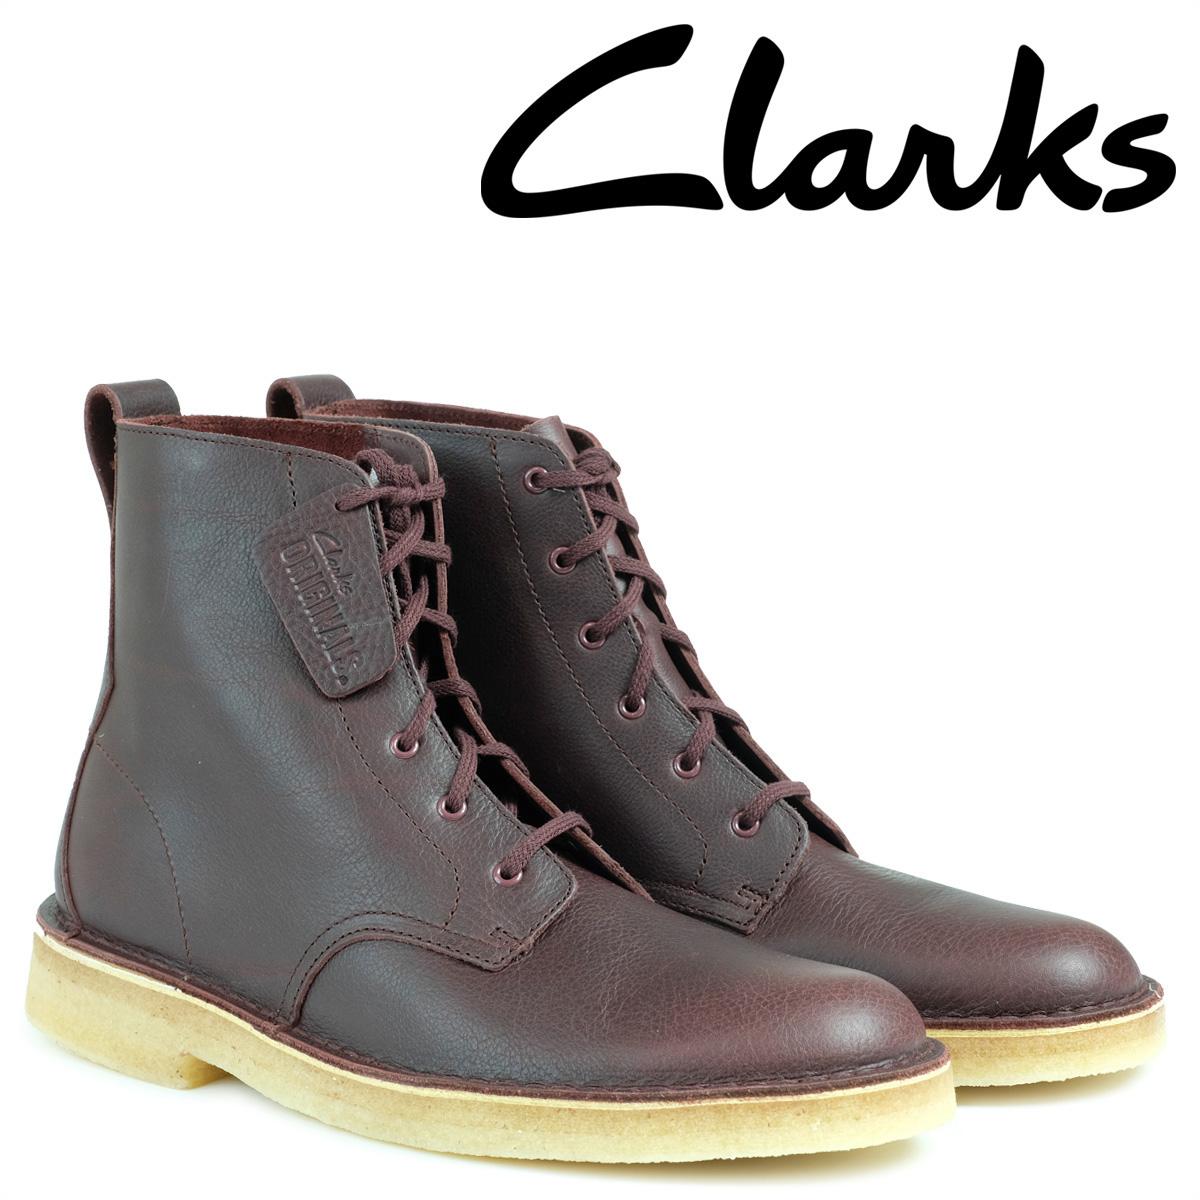 【最大2000円OFFクーポン】 クラークス デザート ブーツ メンズ Clarks DESERT MALI マリ 26126186 バーガンディー